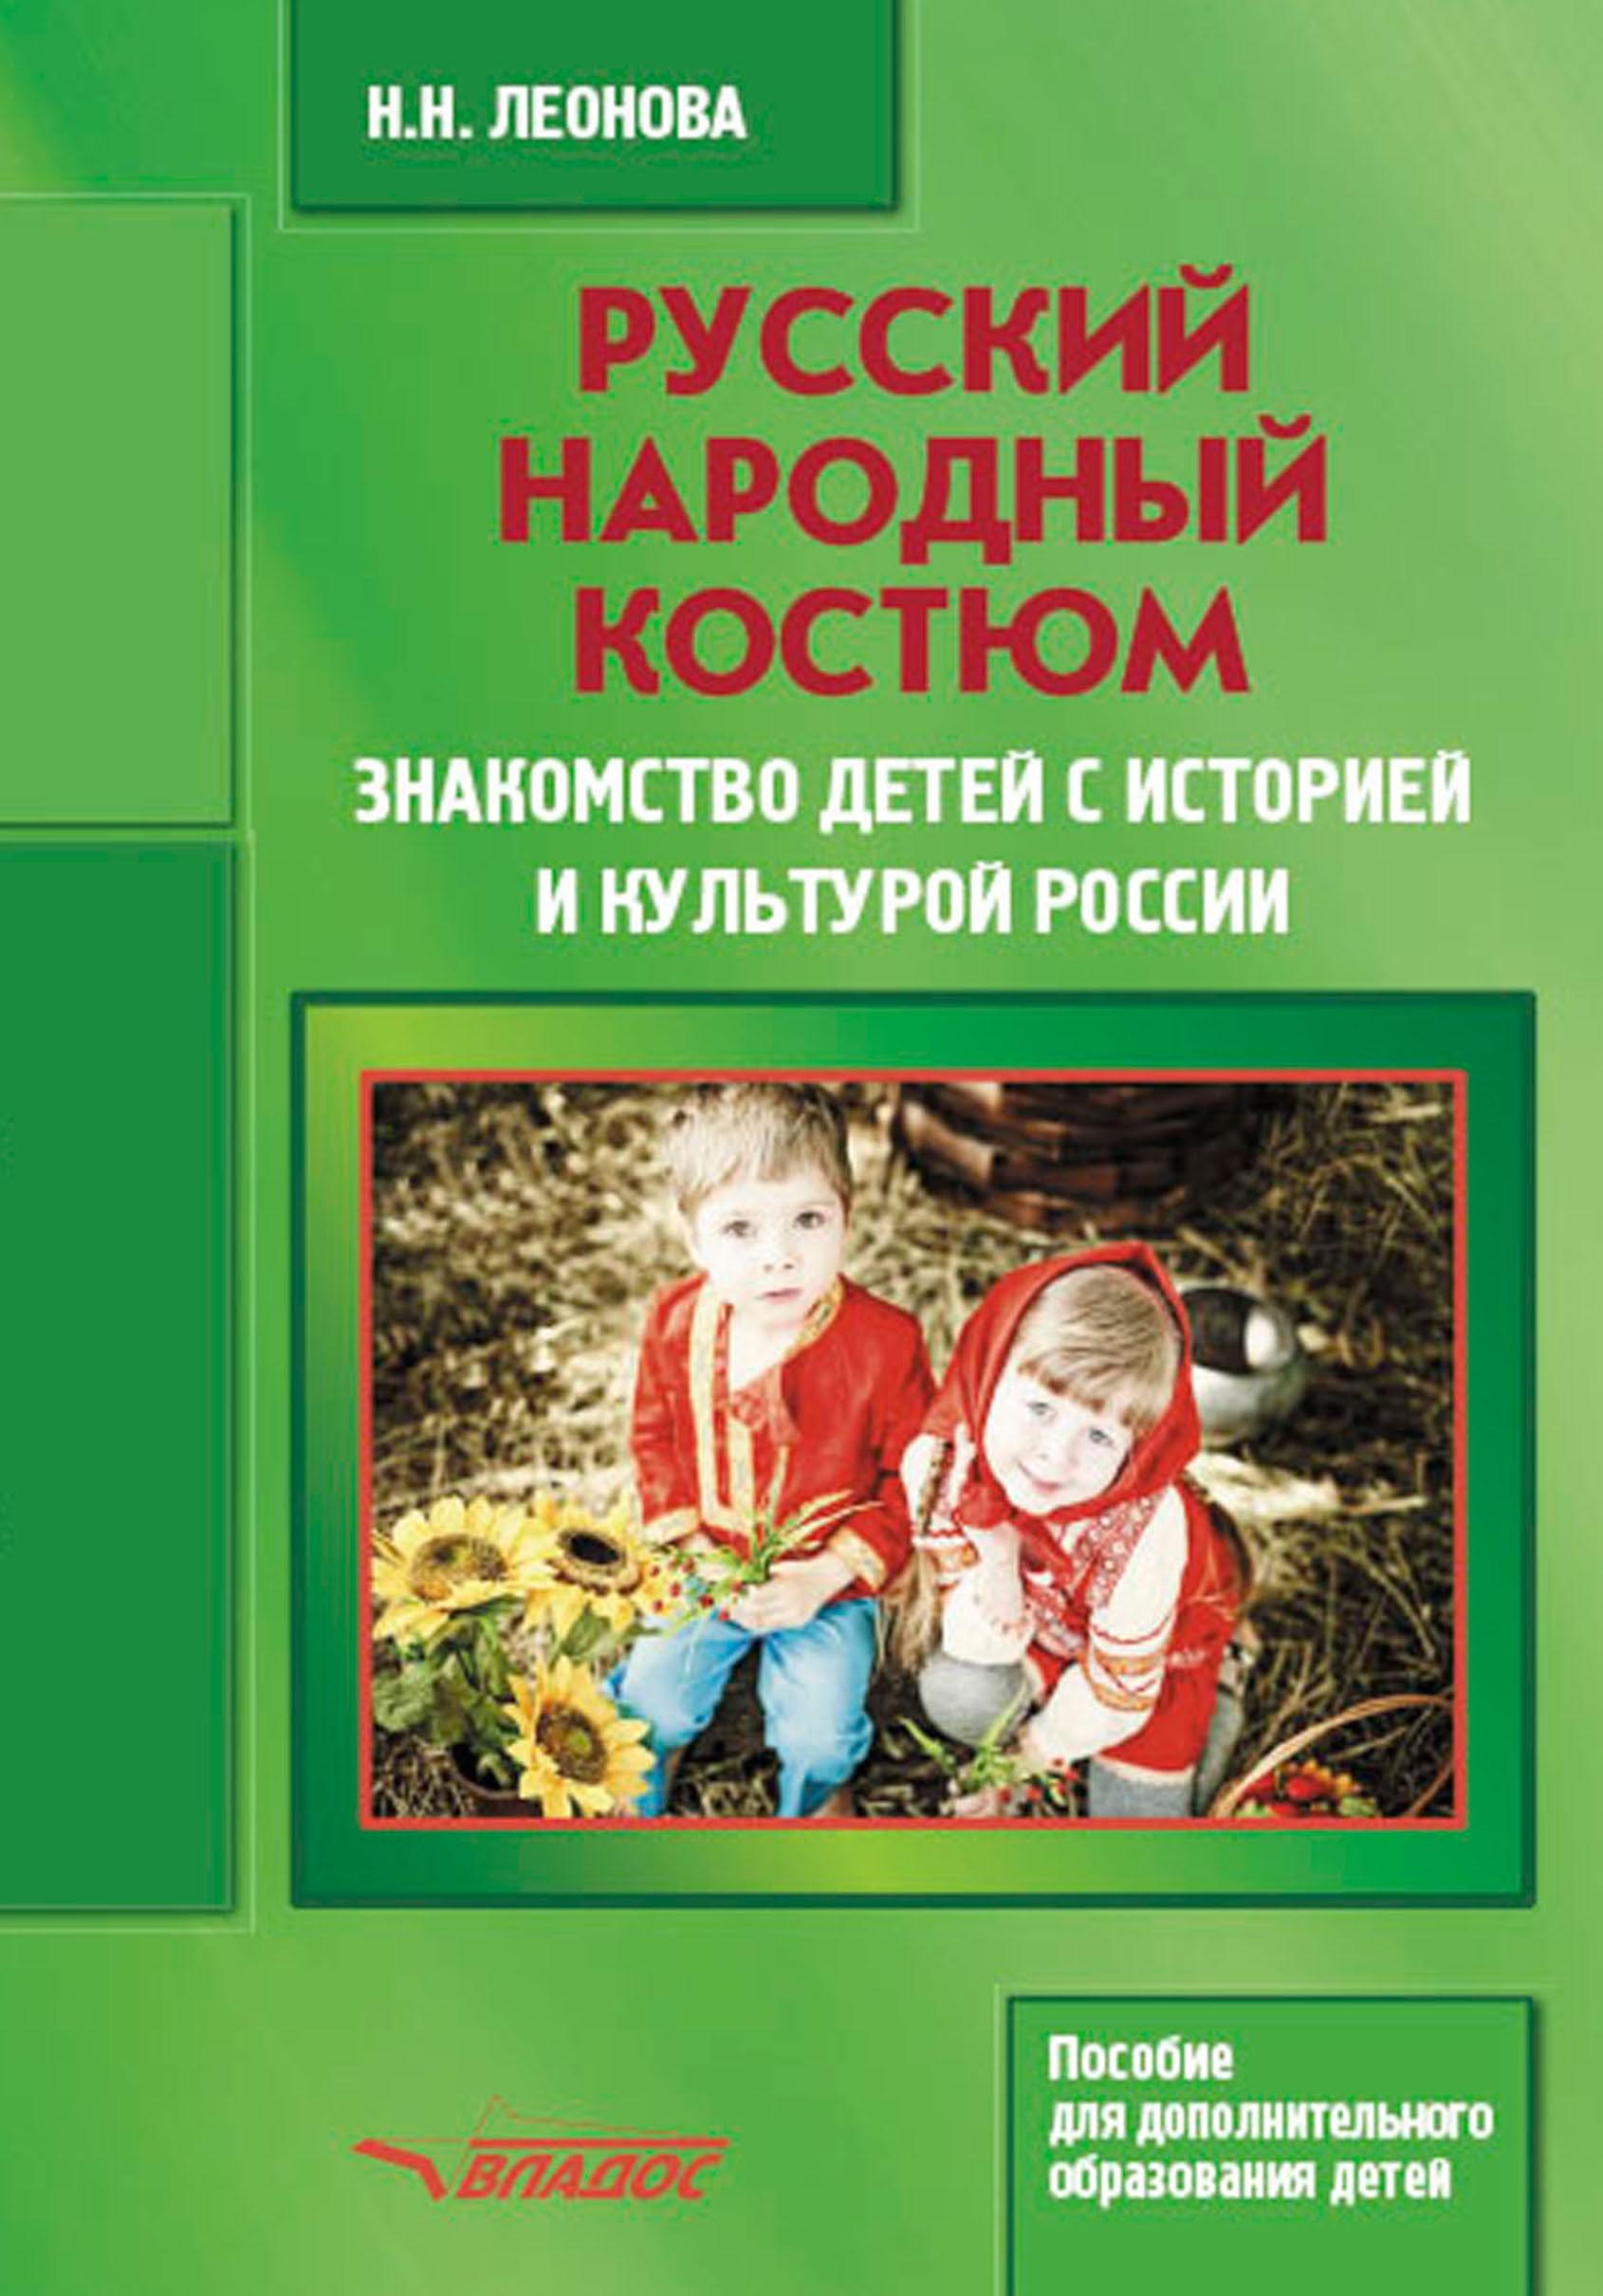 Русский народный костюм. Знакомство детей с историей и культурой России. Пособие для дополнительного образования детей фото